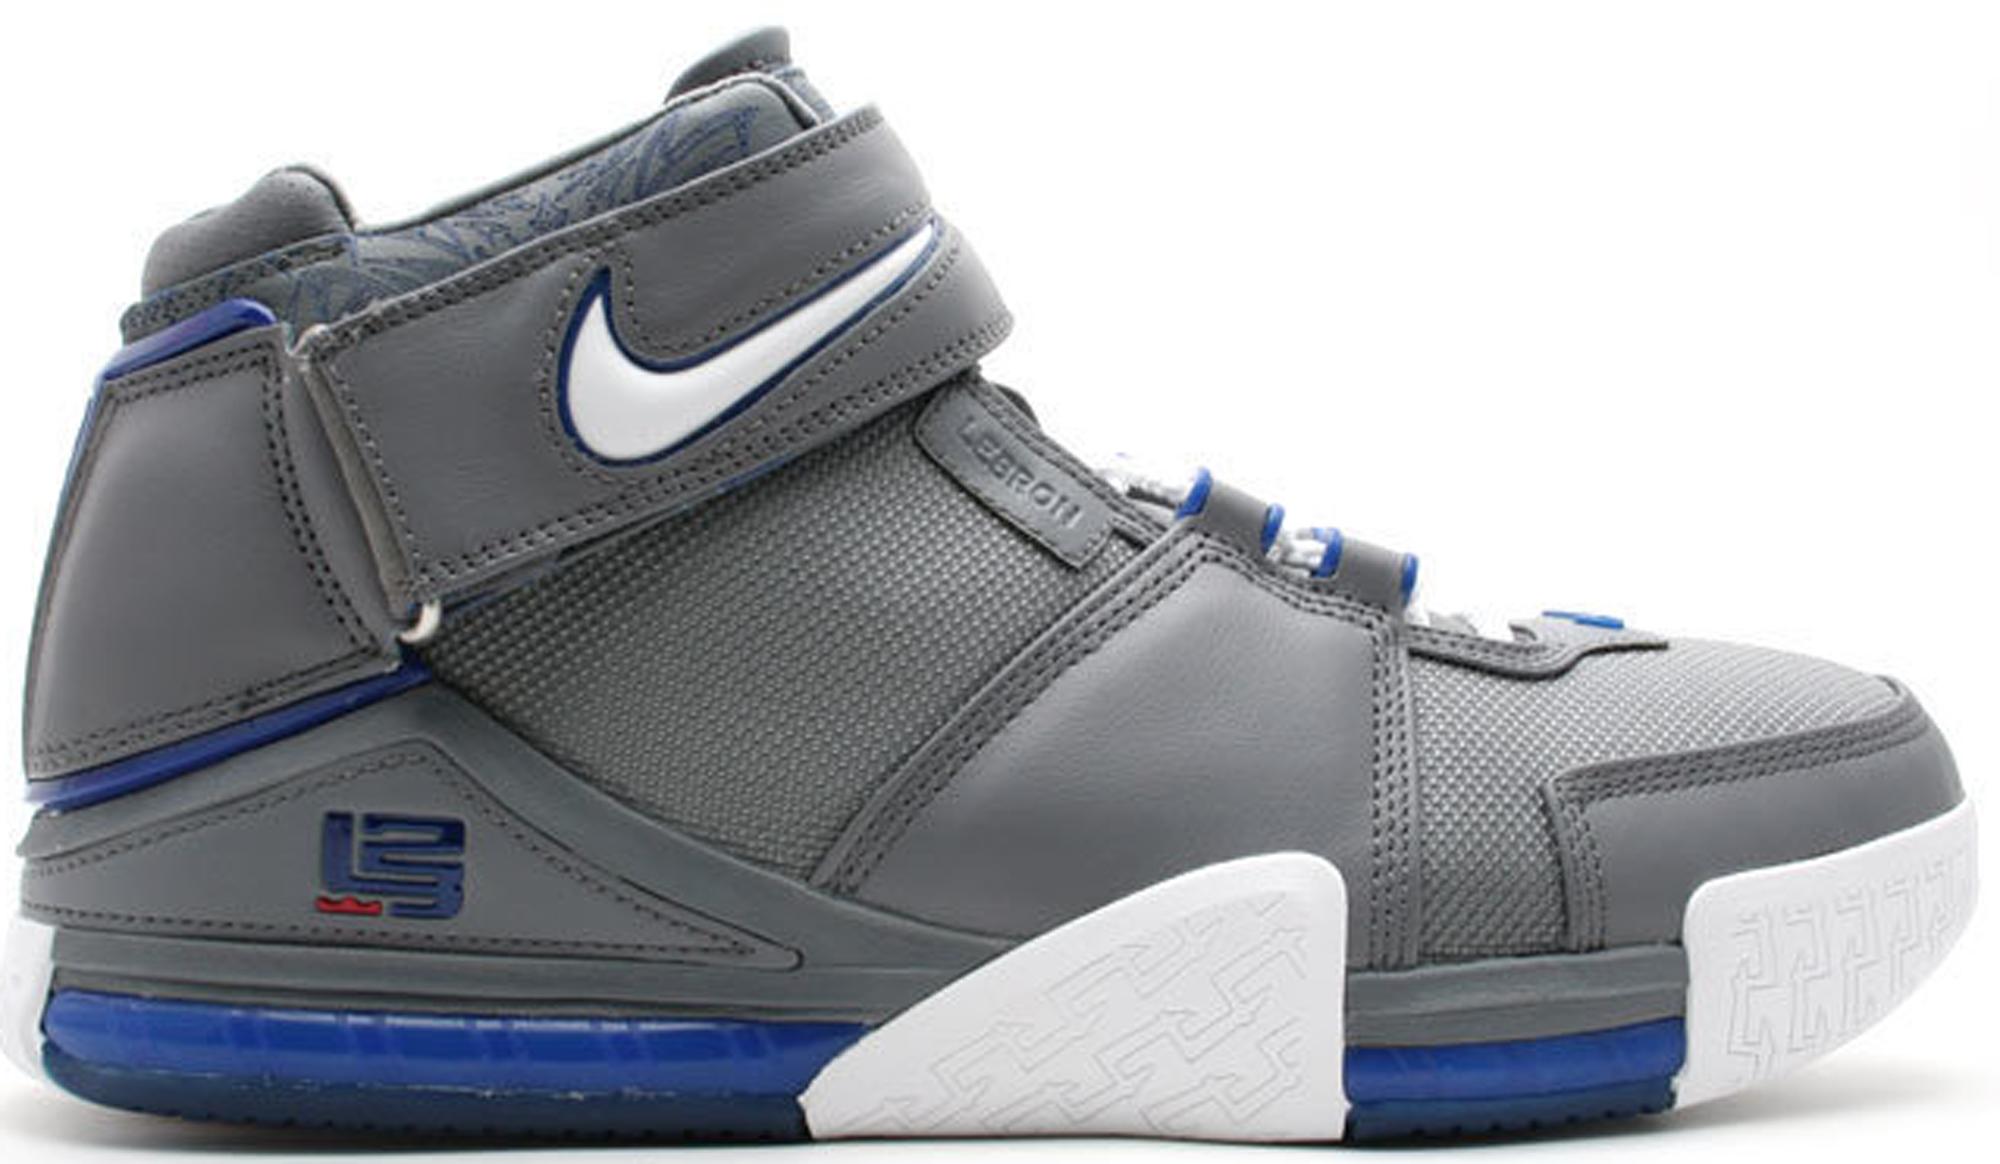 Nike LeBron 2 Cool Grey - 309378-012